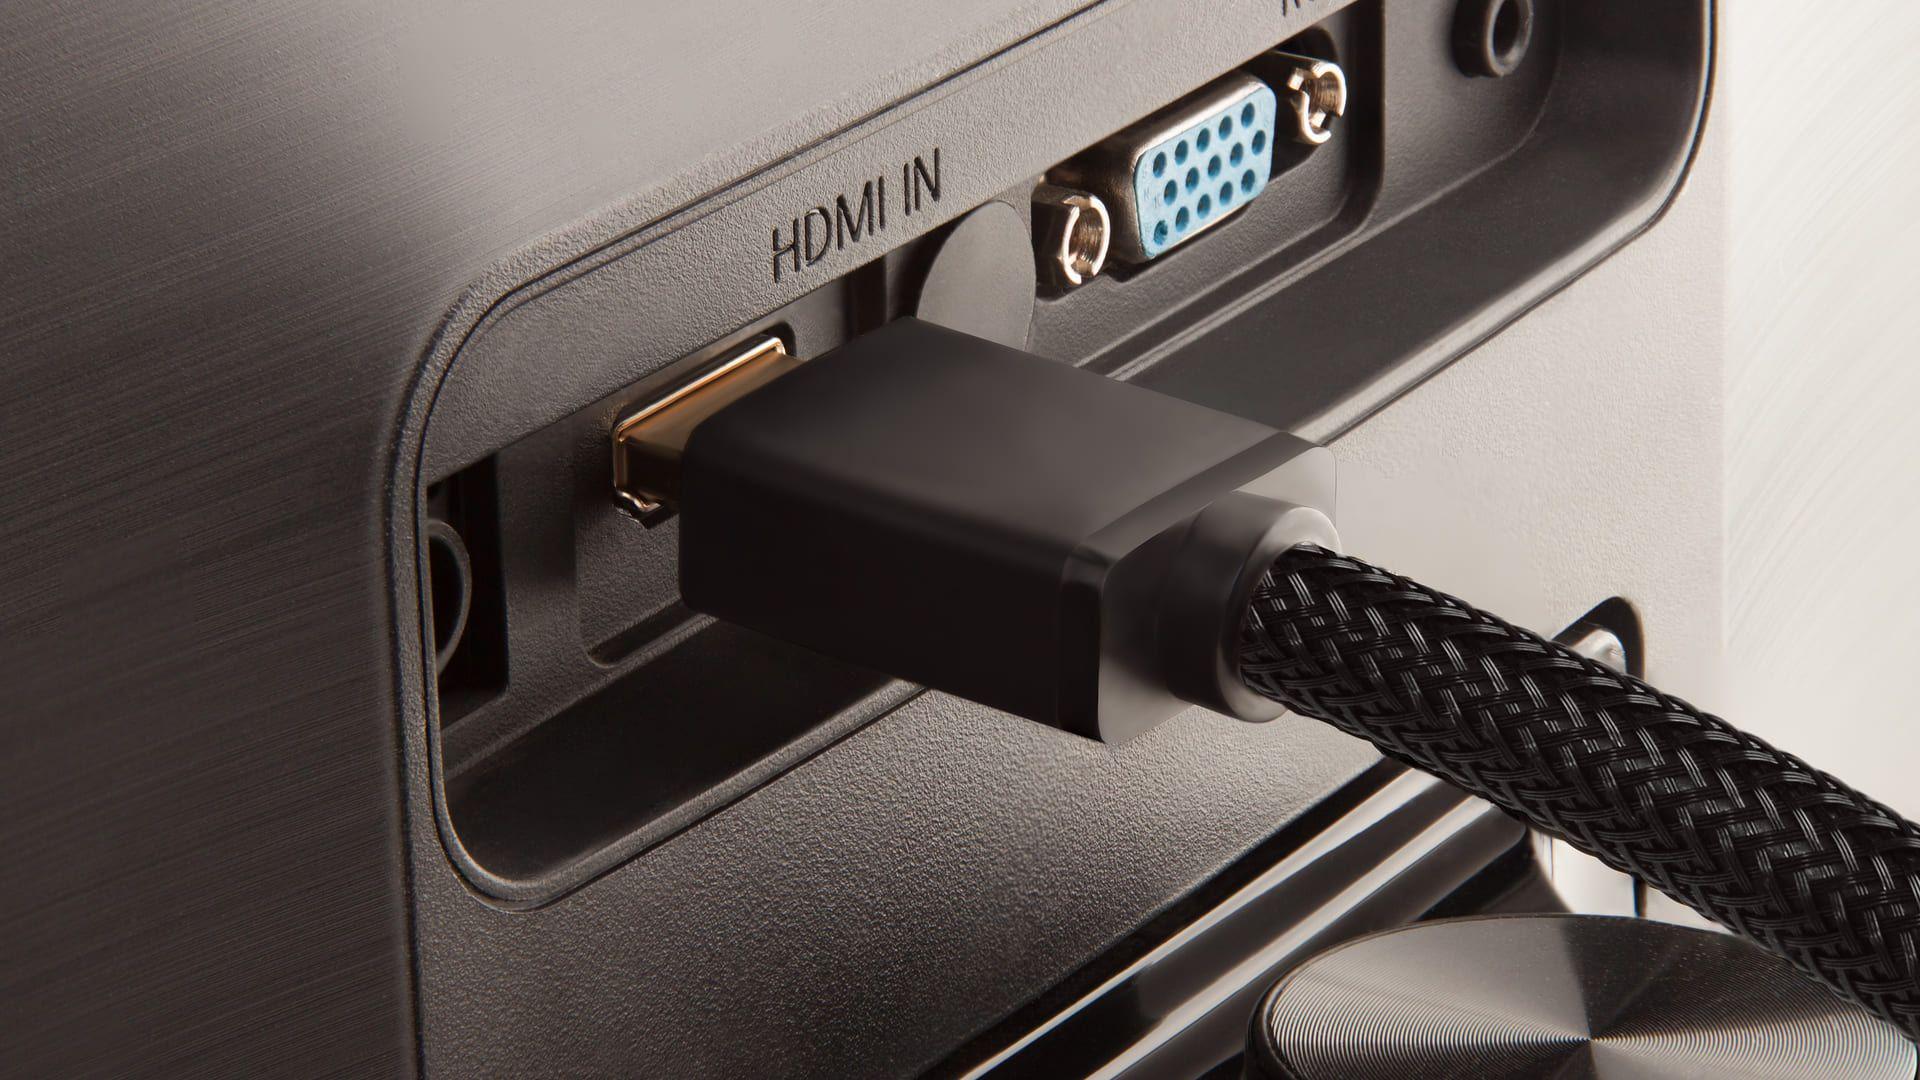 Se você tem uma TV com entrada HDMI, siga o passo a passo abaixo. (Foto: Shutterstock)